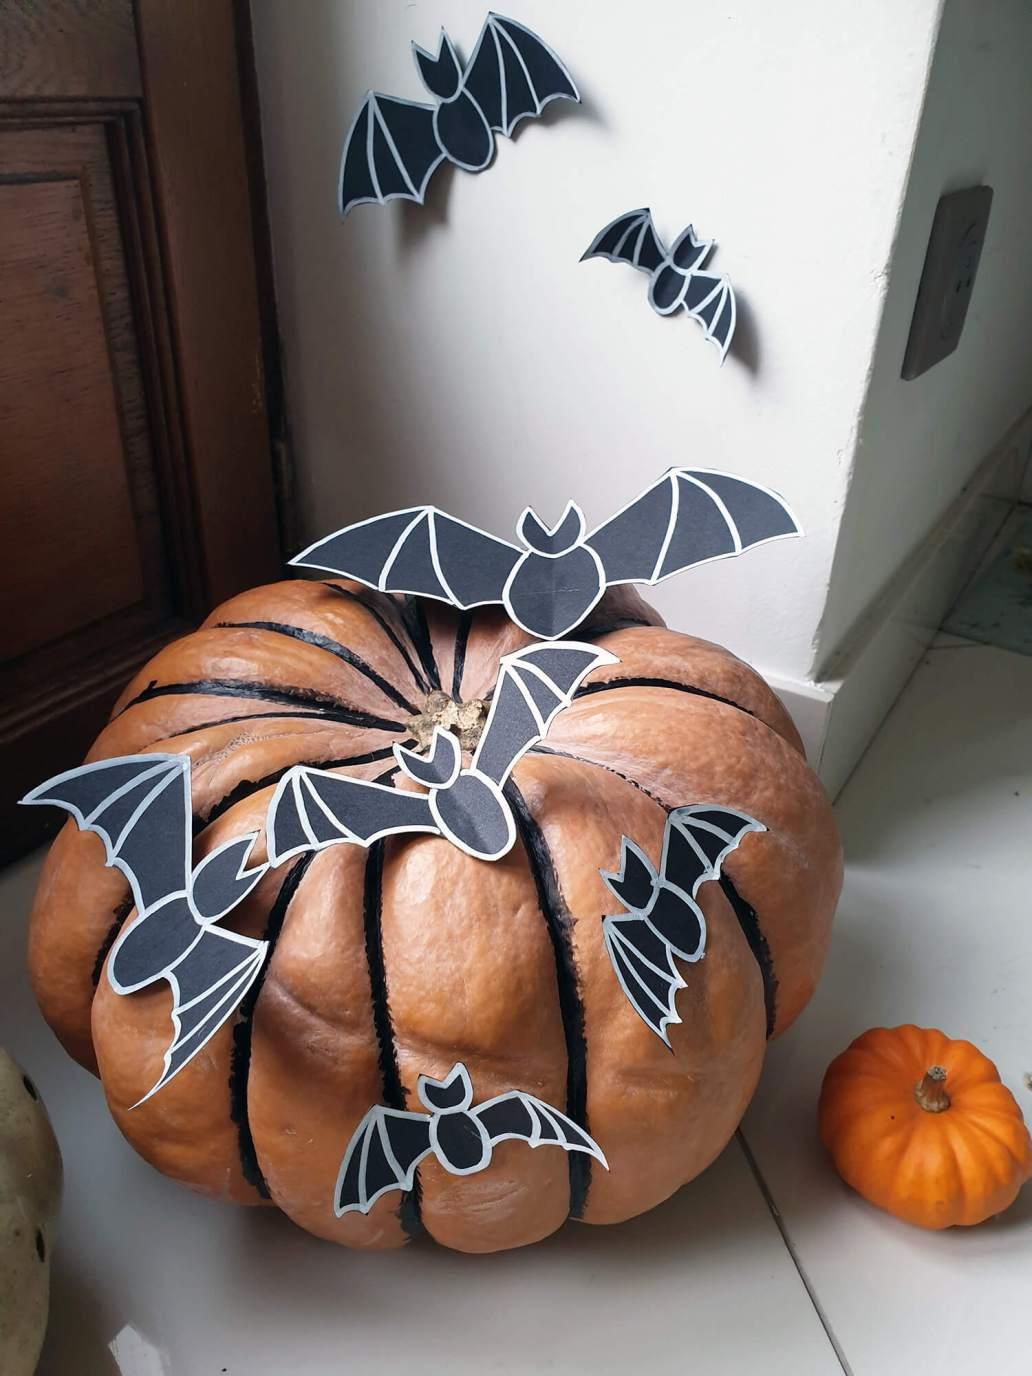 20201012 175618 - Comment décorer la citrouille d'Halloween avec originalité